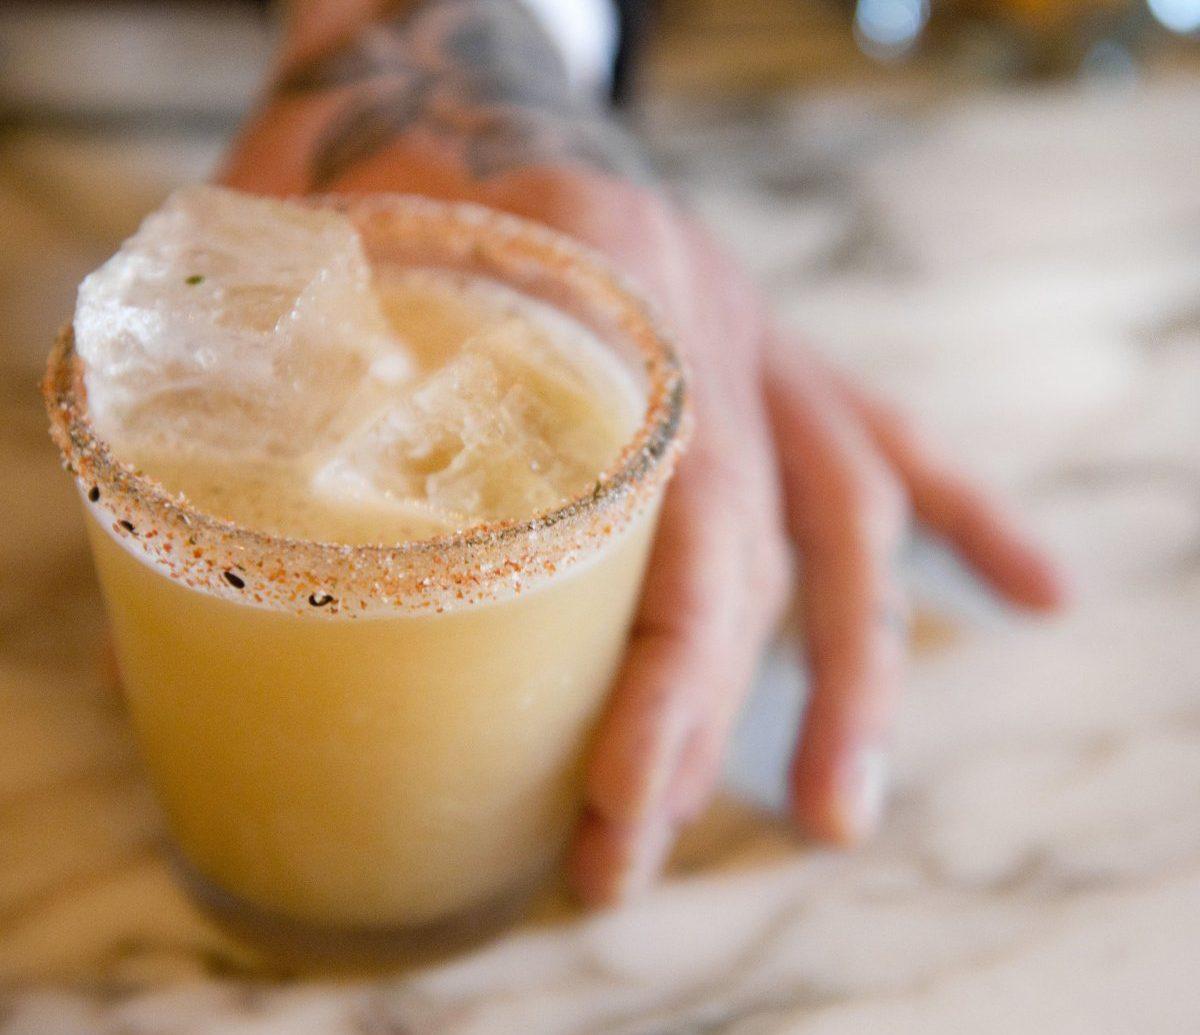 Food + Drink cup coffee Drink food alcoholic beverage cocktail produce beverage milkshake flavor orange